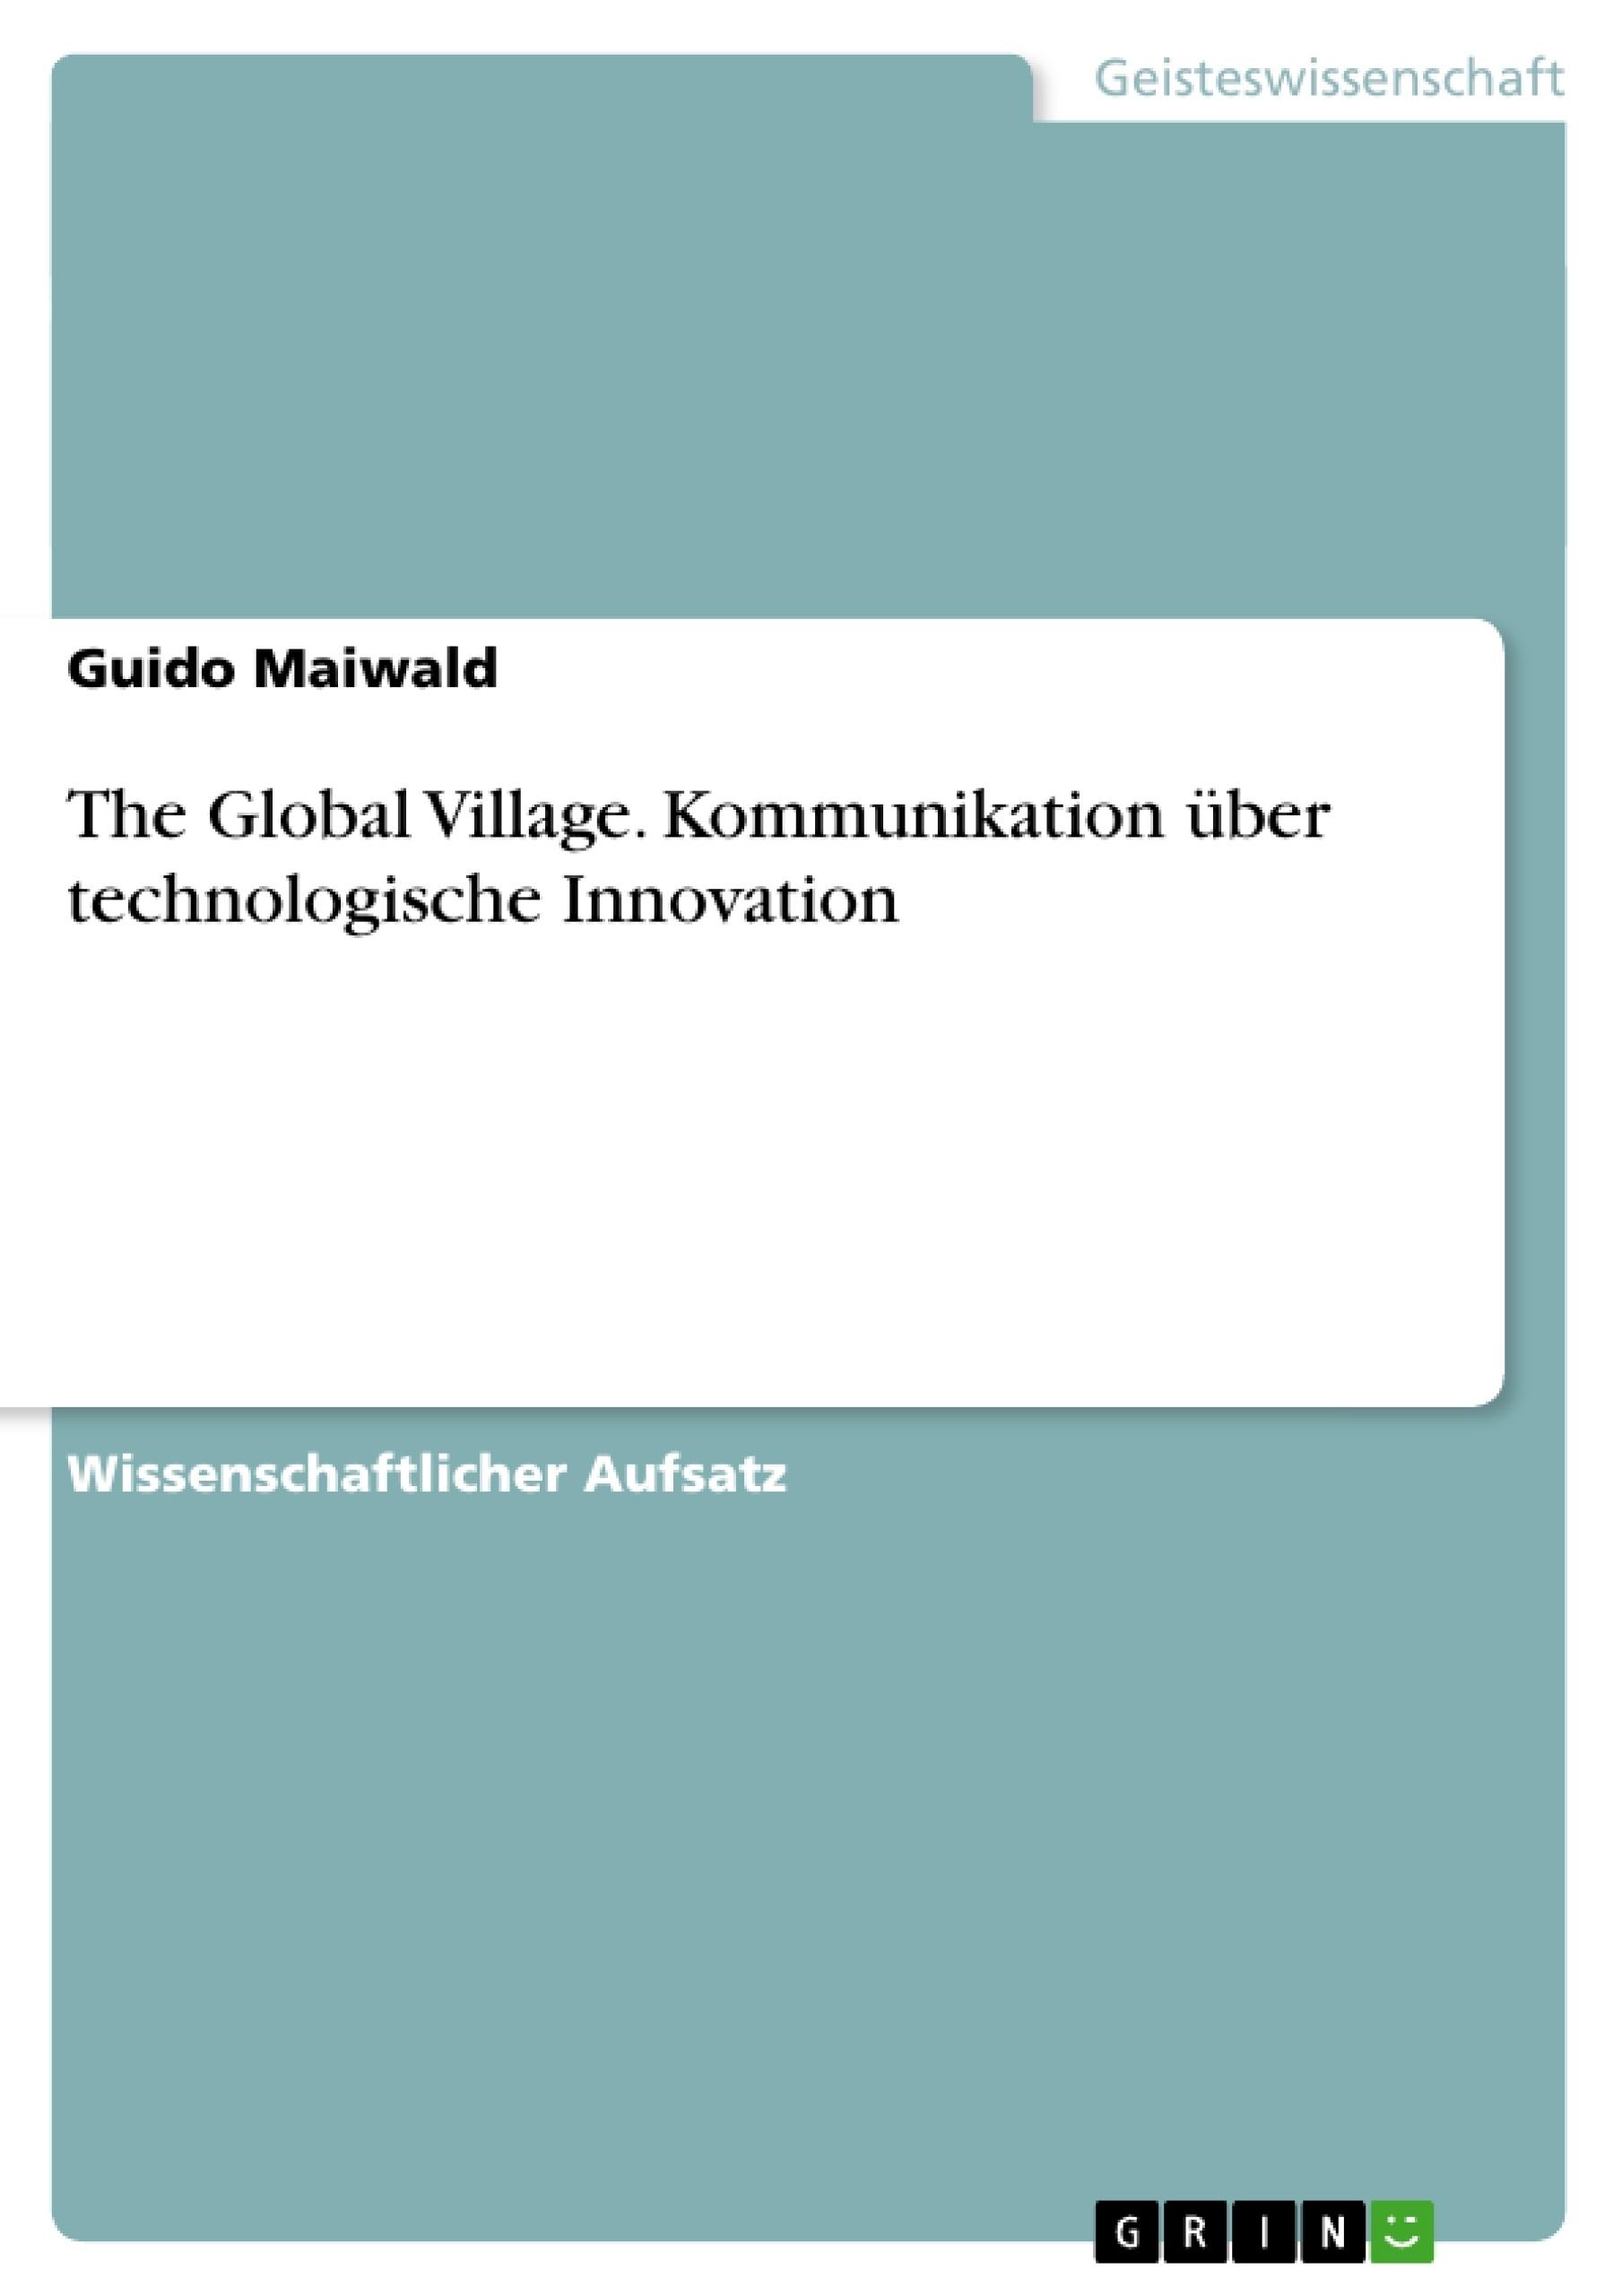 Titel: The Global Village. Kommunikation über technologische Innovation